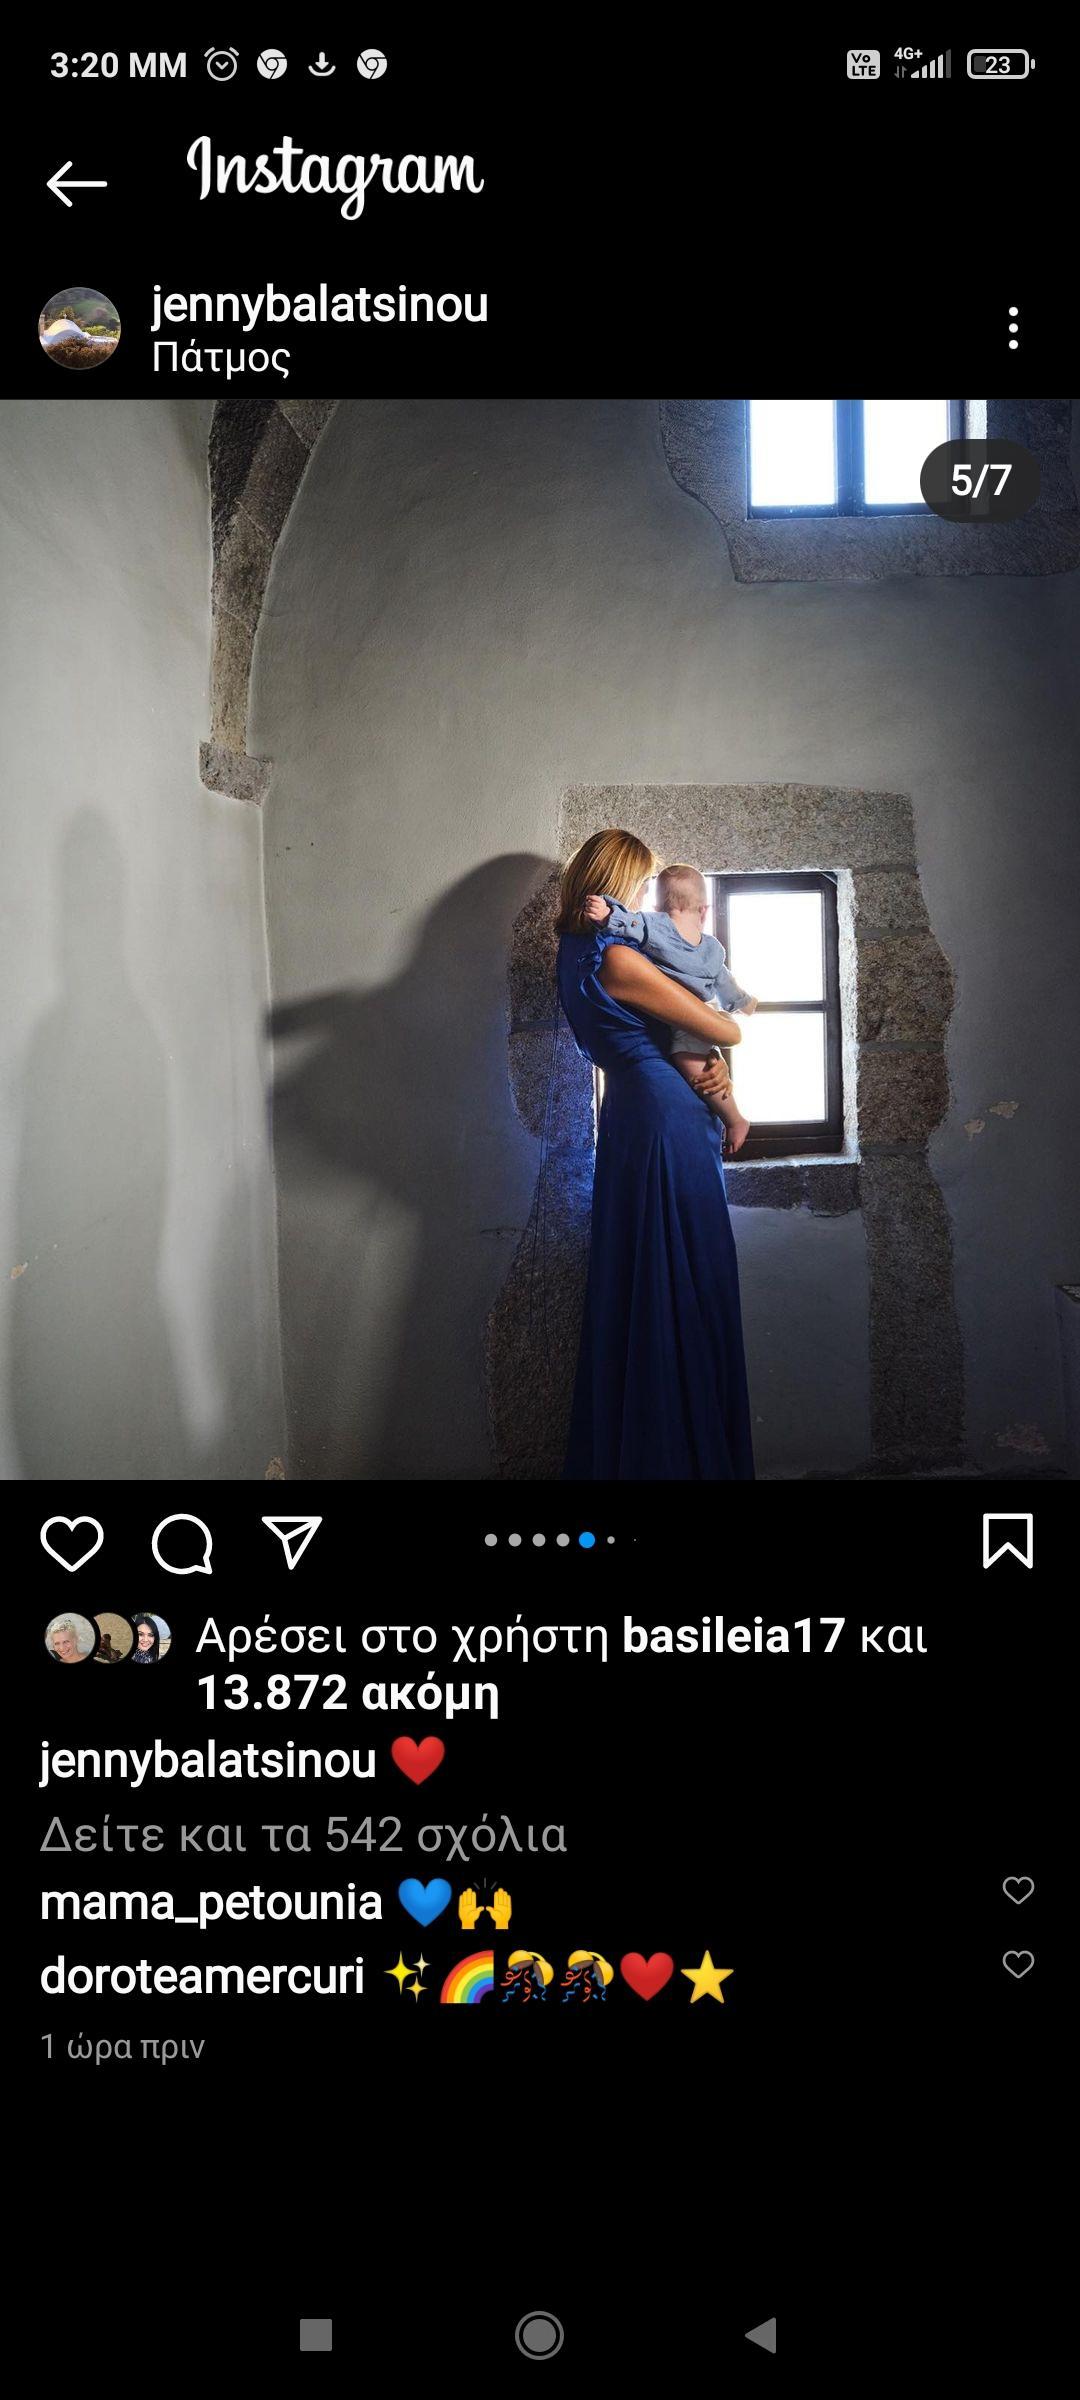 Κικίλιας – Μπαλατσινού: Η φωτογραφία από τη βάπτιση του γιου τους